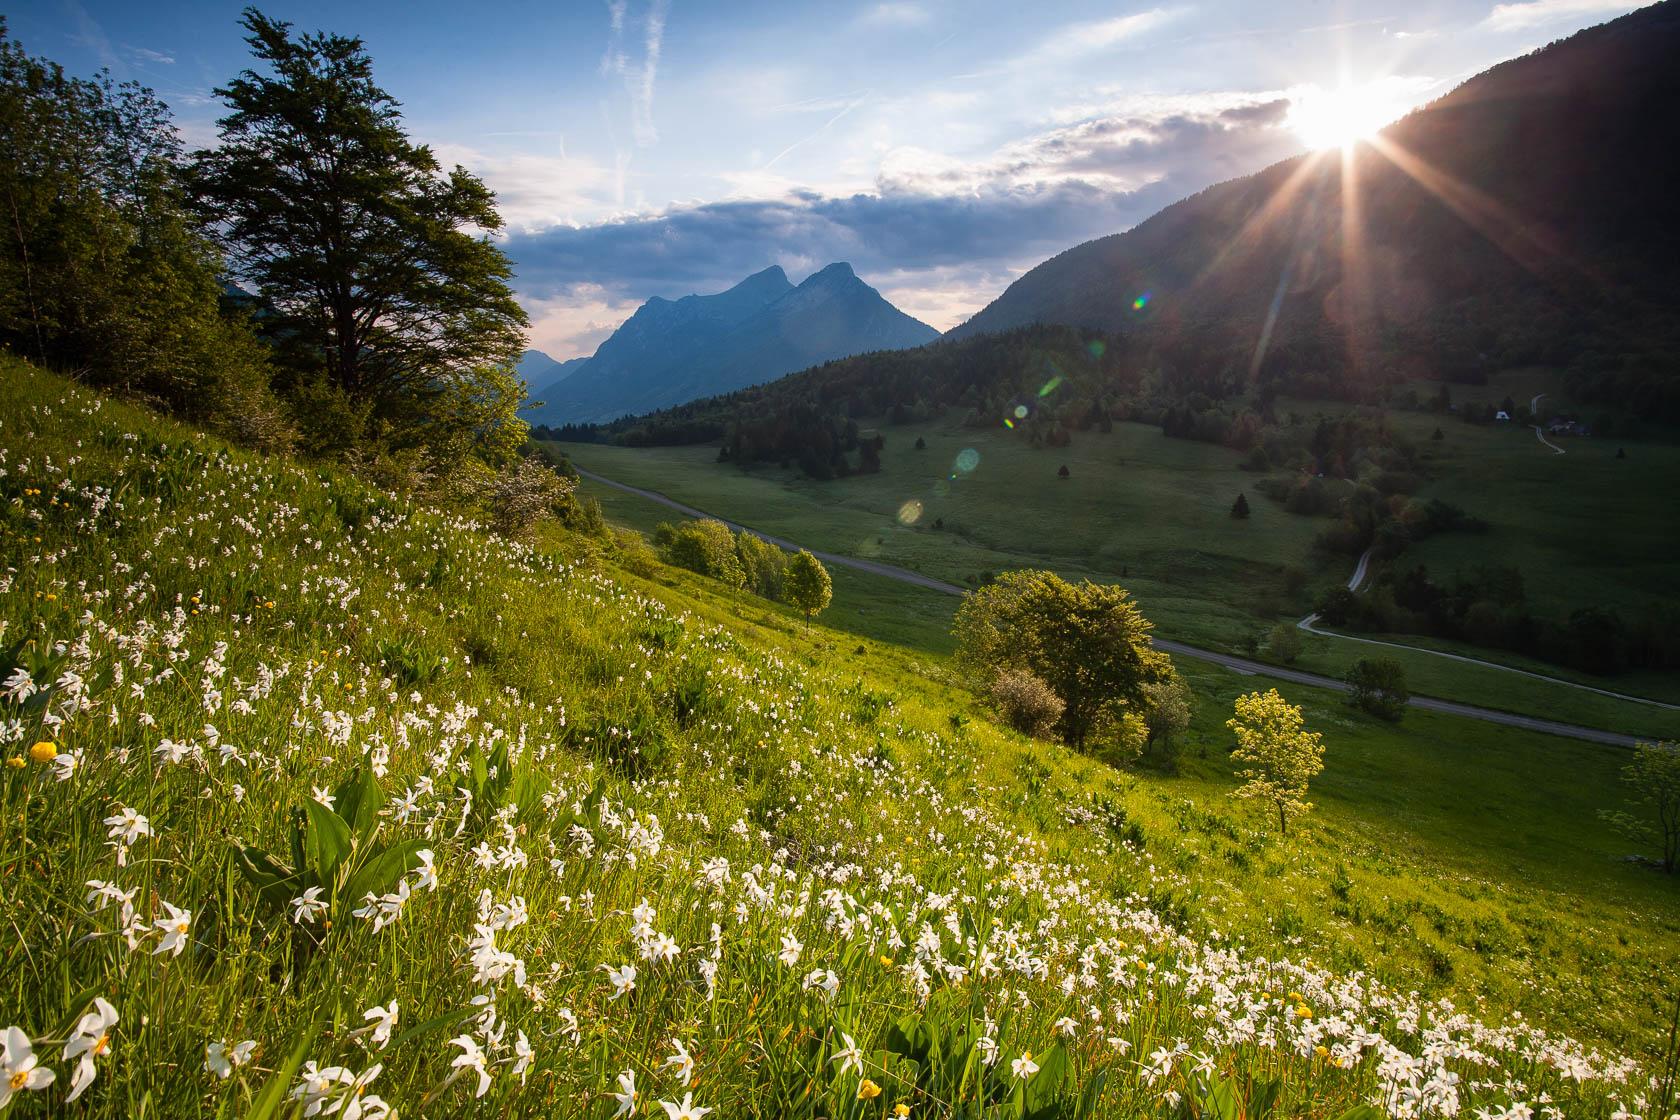 champs de narcisses (Narcissum poeticus) au col des Prés, dans le massif des bauges